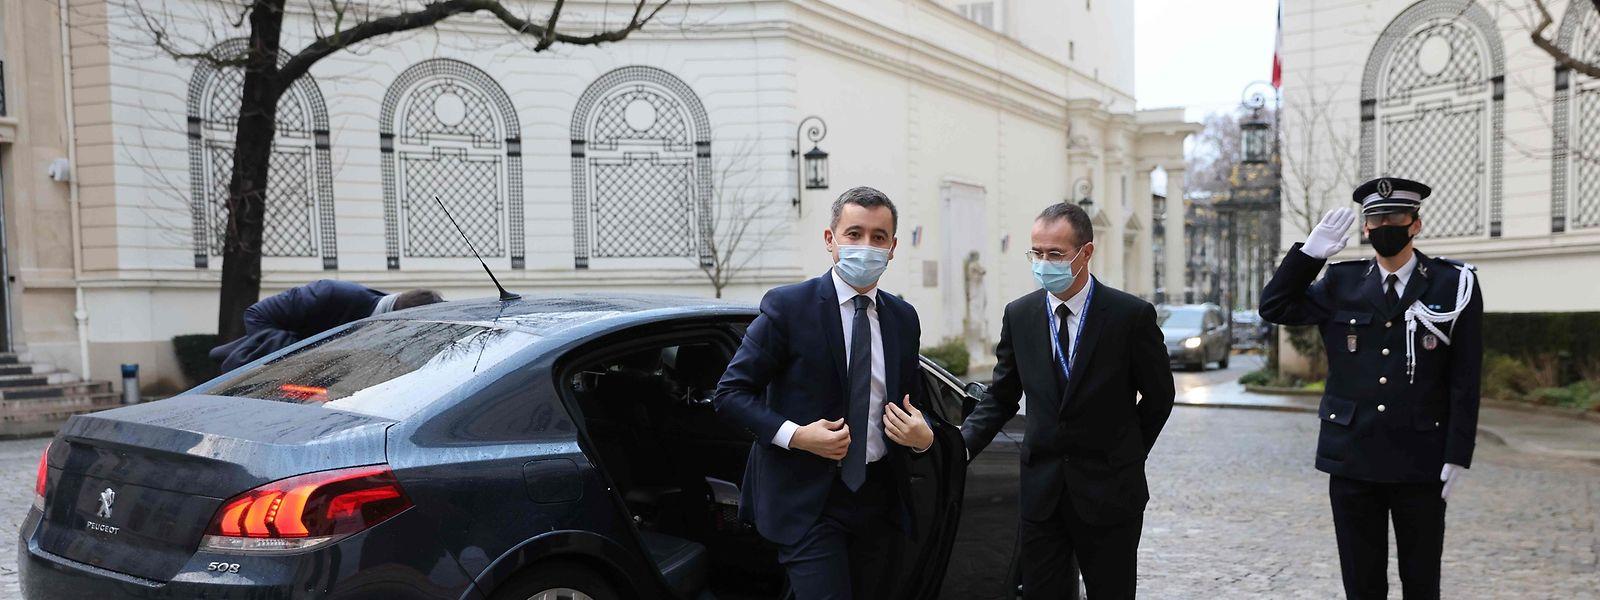 Der französische Innenminister Gérald Darmanin (links) geht in Sachen Kampf gegen die Islamisten in die Offensive.